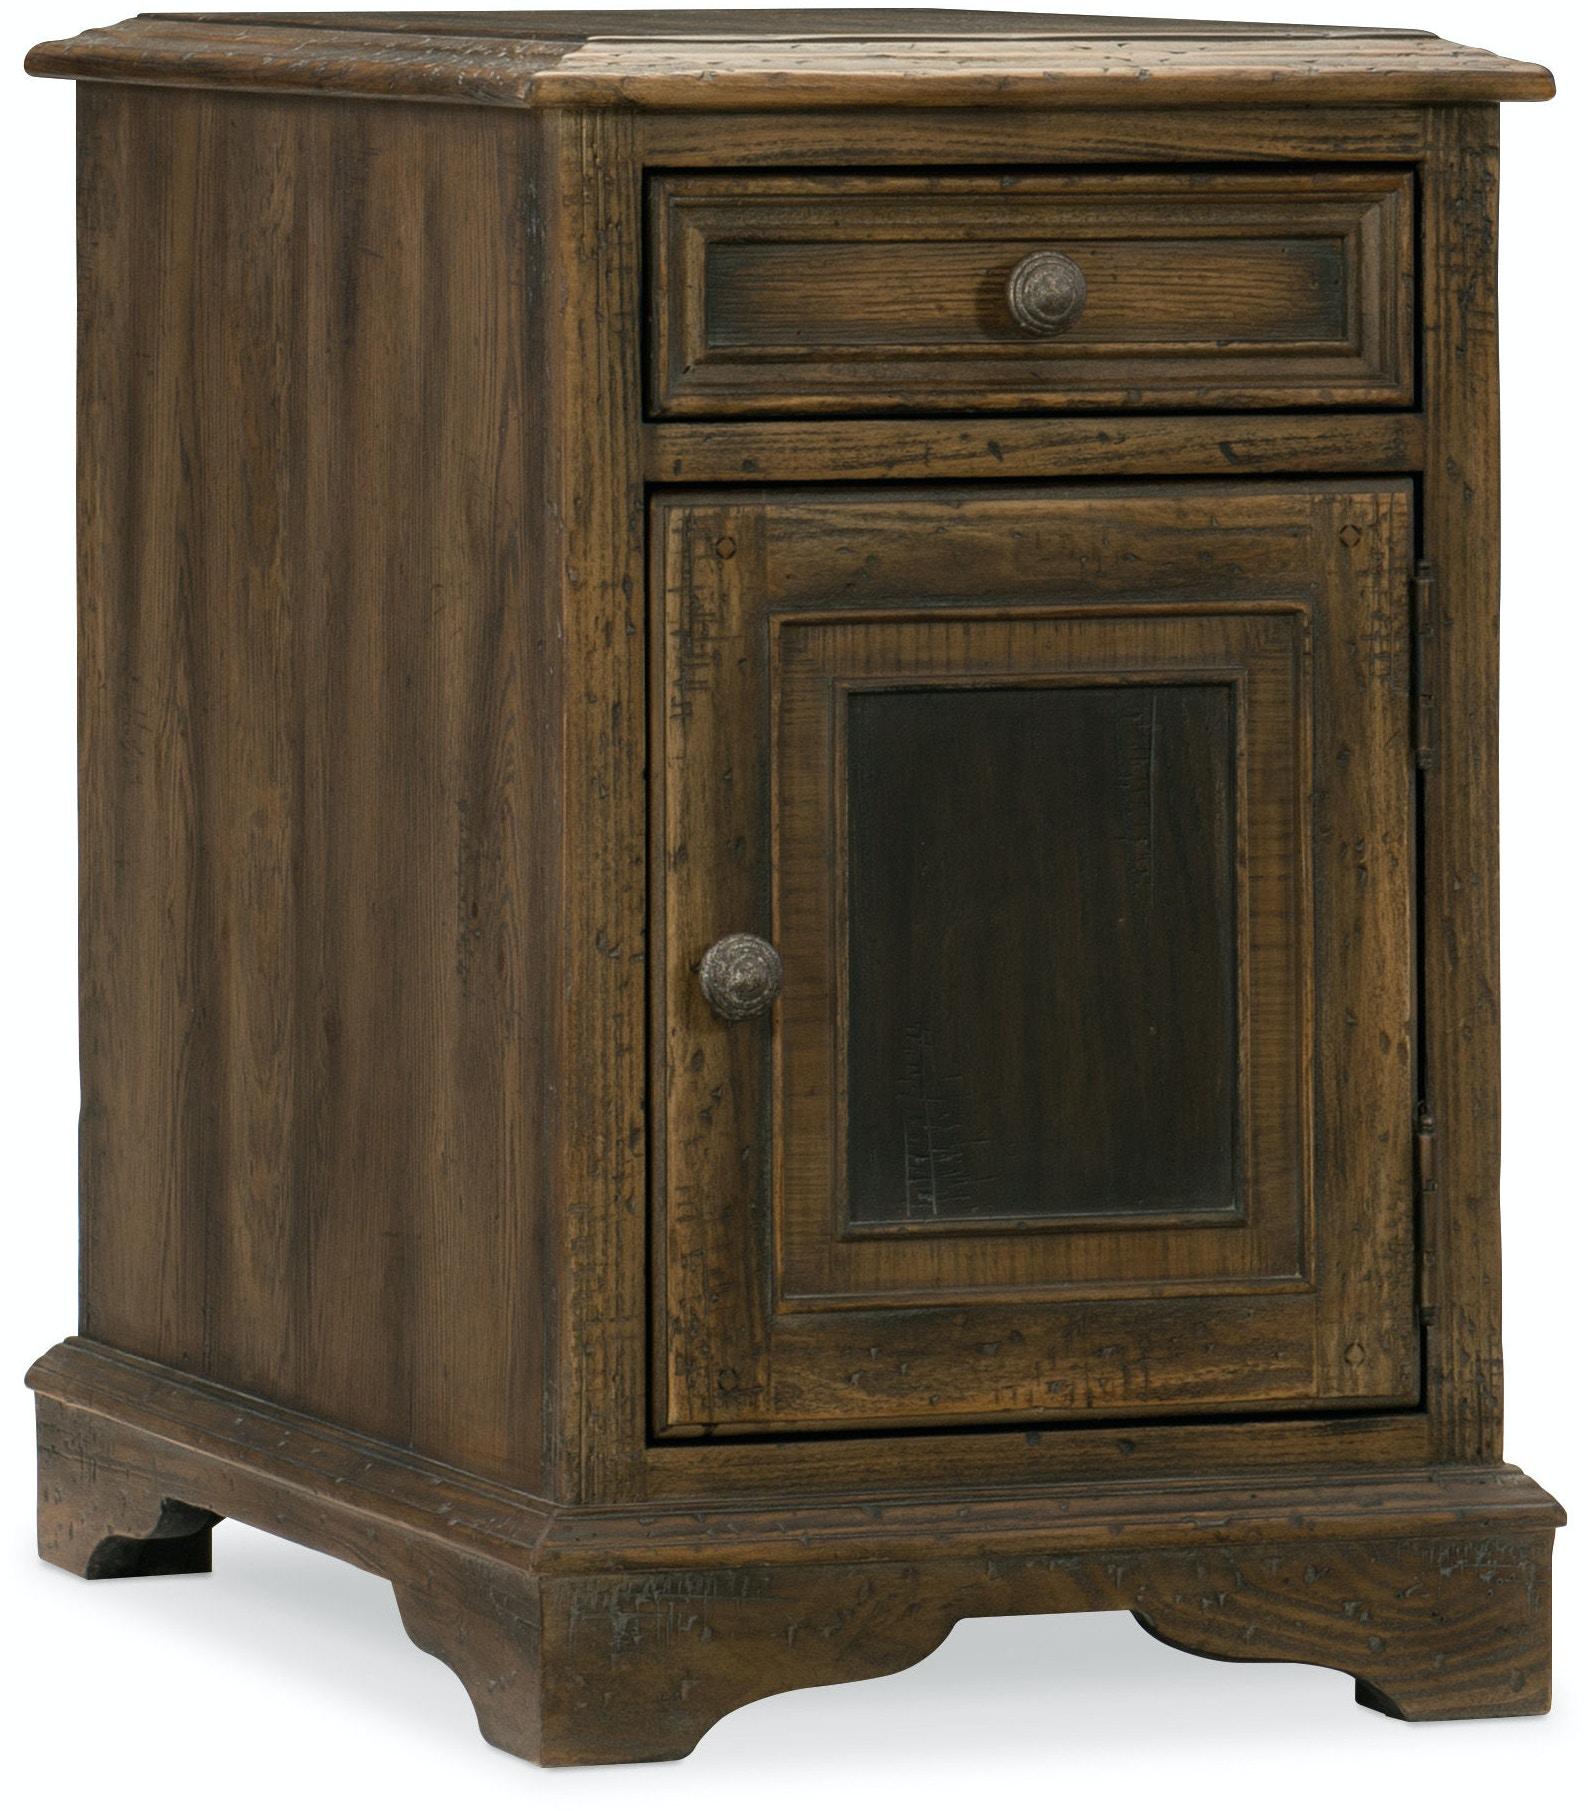 Hooker Furniture Living Room Dewees Chairside Table 5960-50008-MULTI